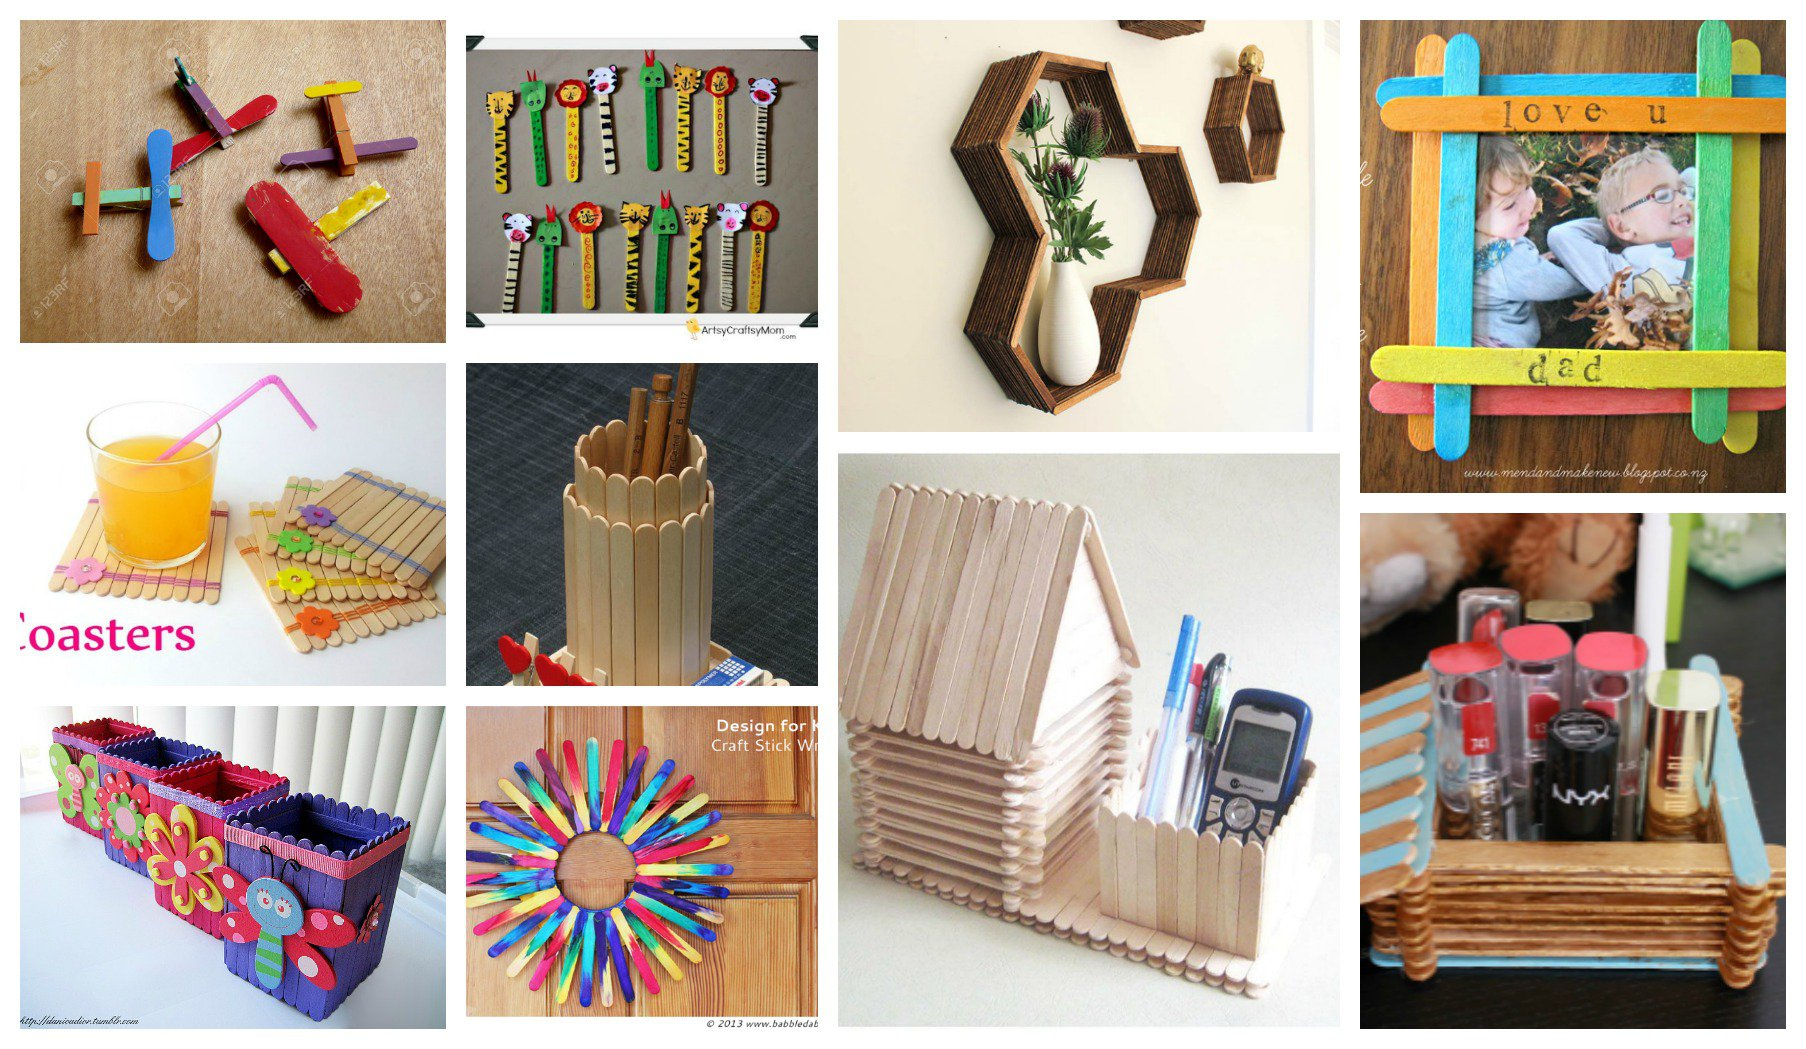 25 incre bles ideas creativas para reciclar palitos de helado - Ideas creativas para reciclar ...